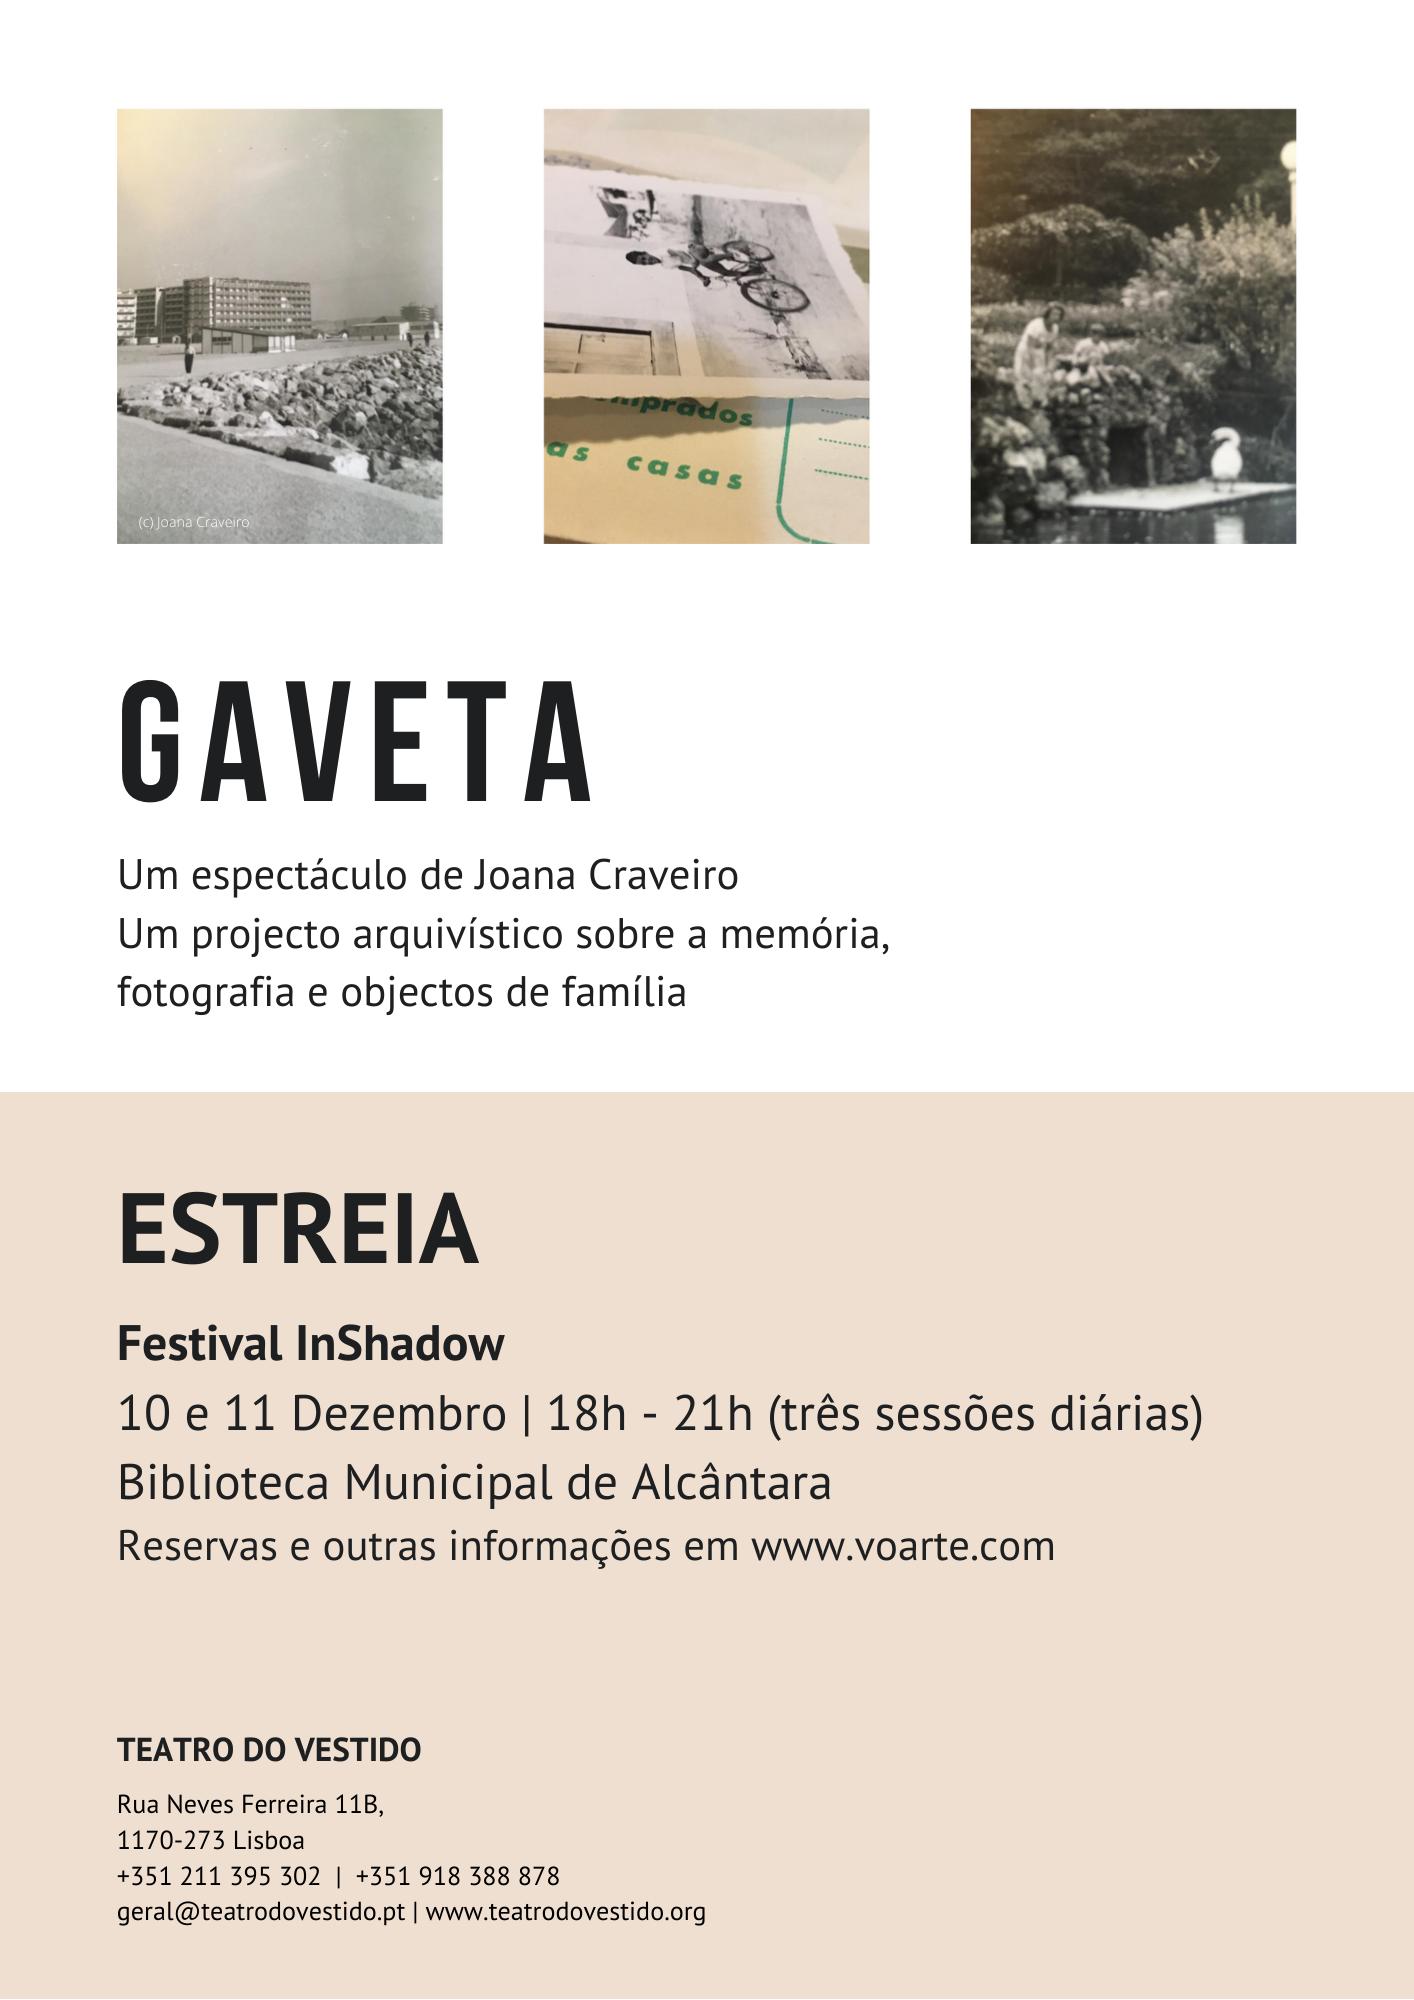 Gaveta de Joana Craveiro